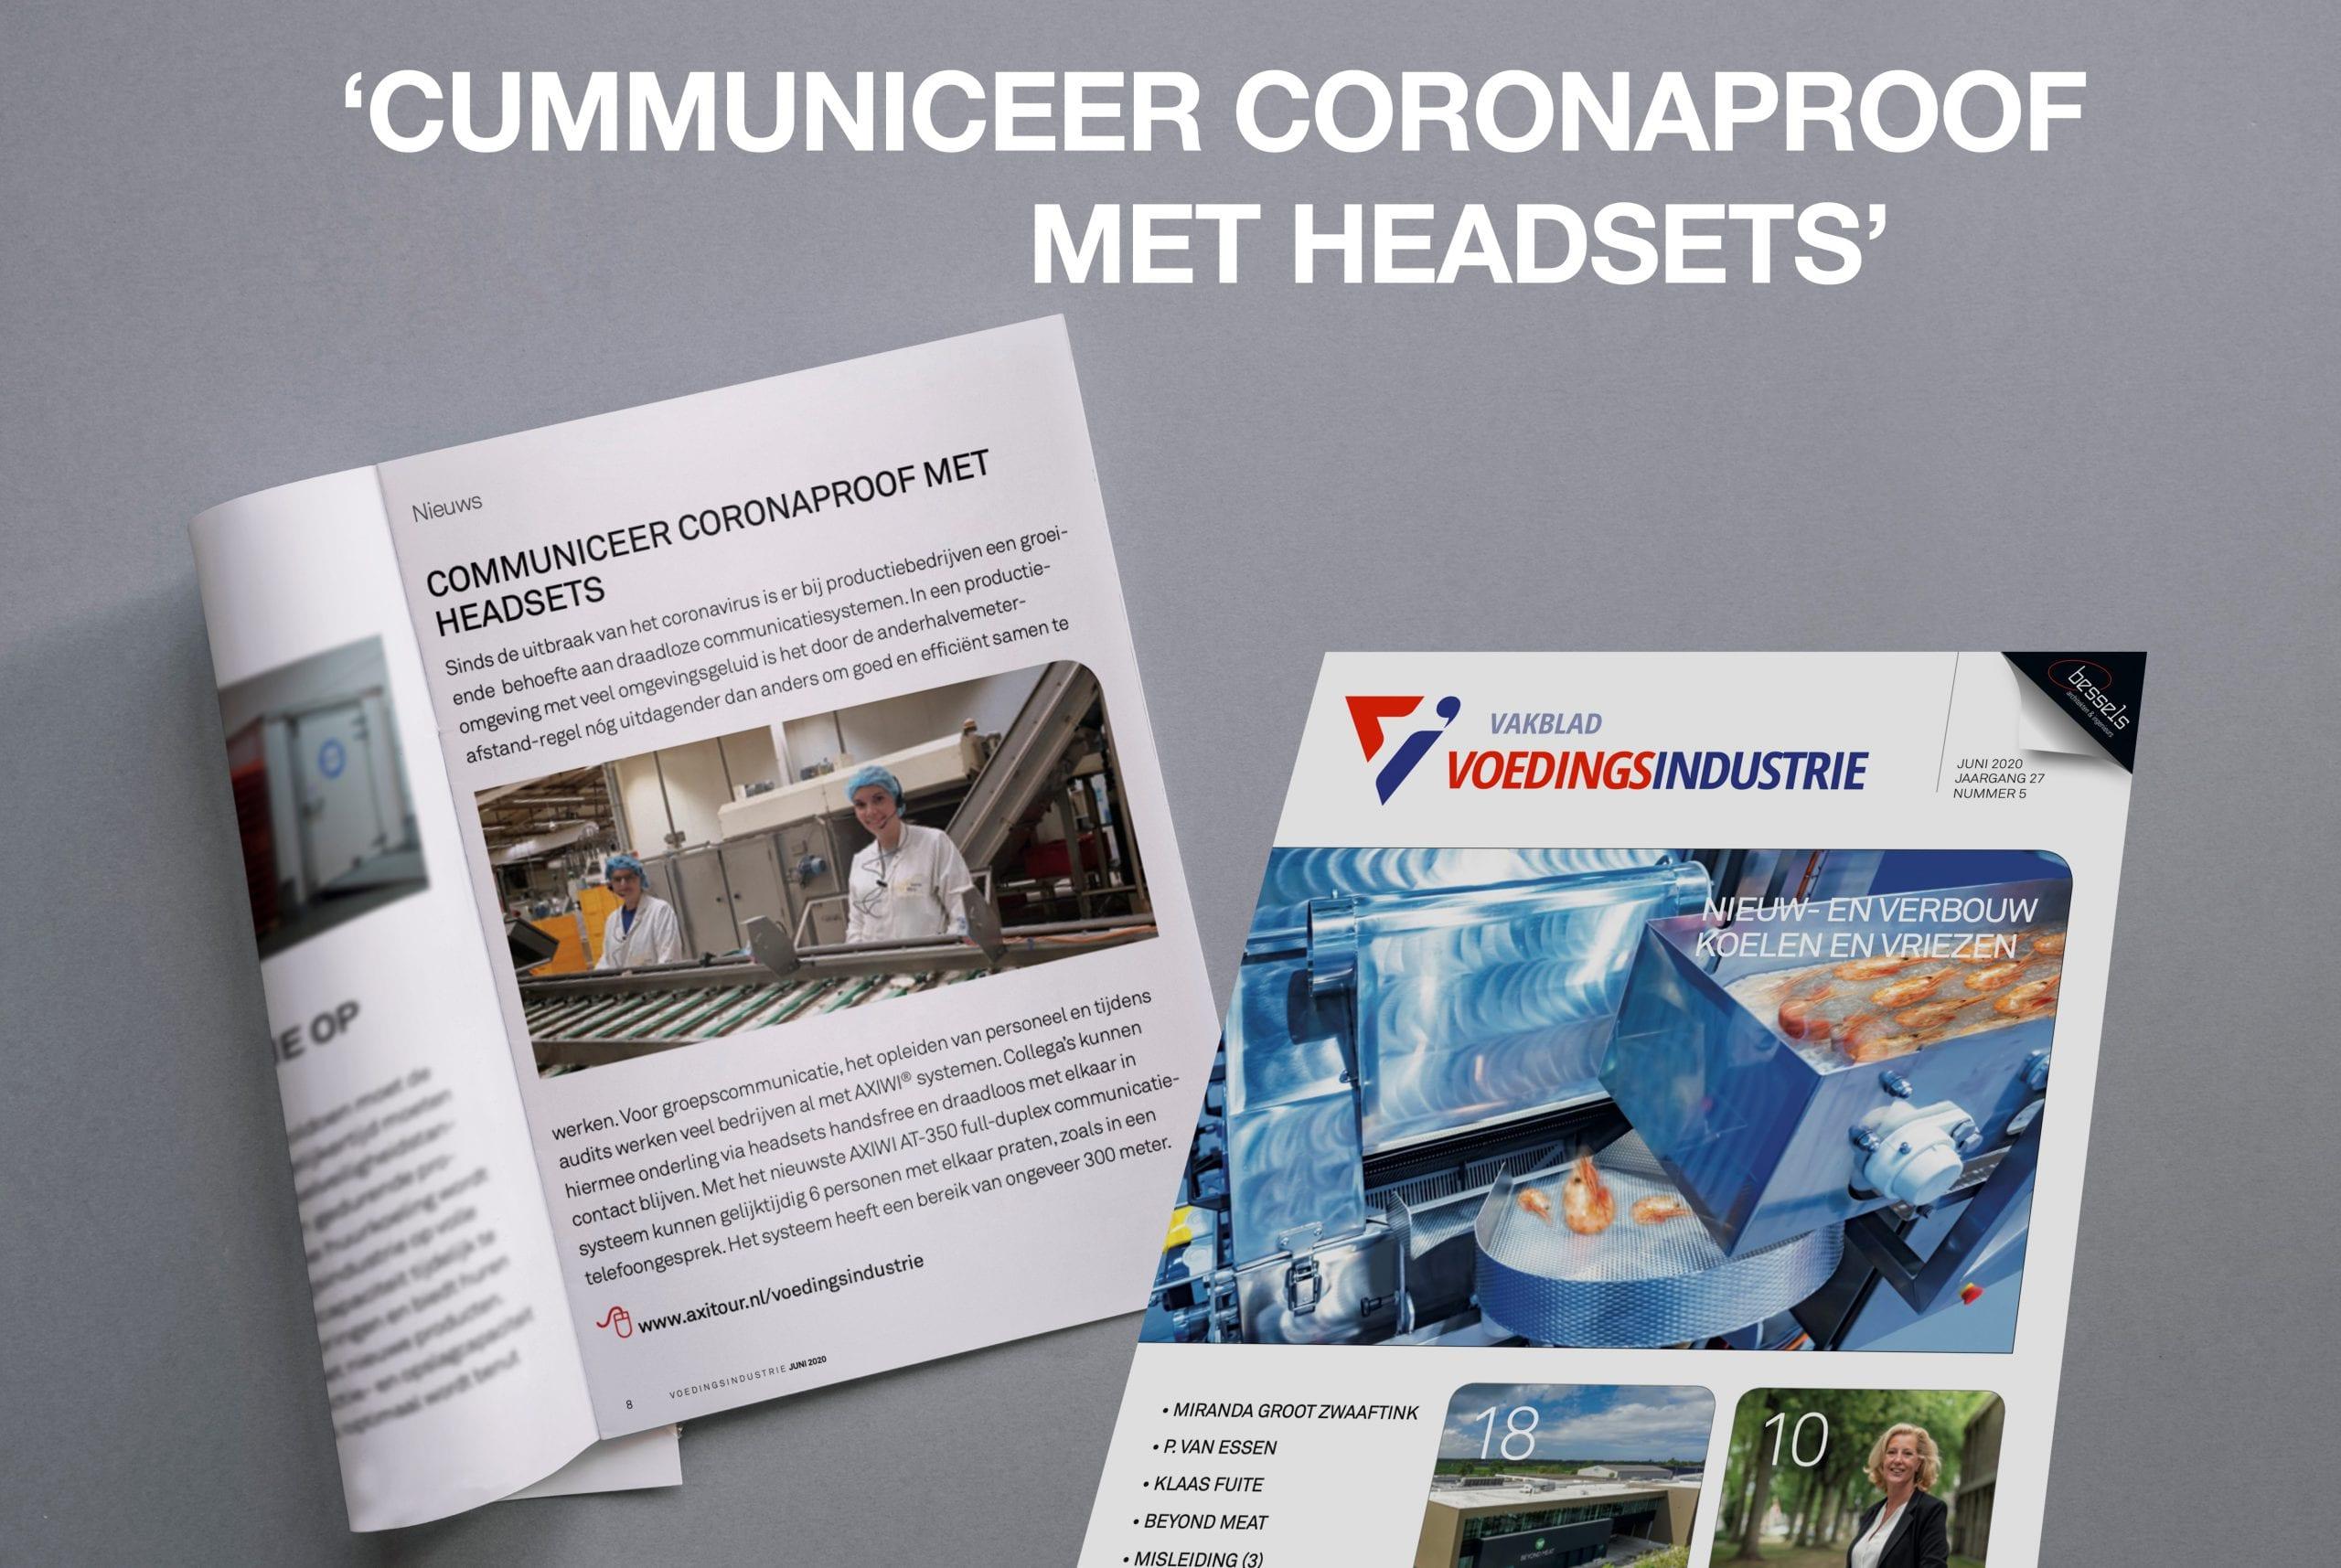 axiwi-voedingsindustrie-communiceer-coronaproof-met-headsets